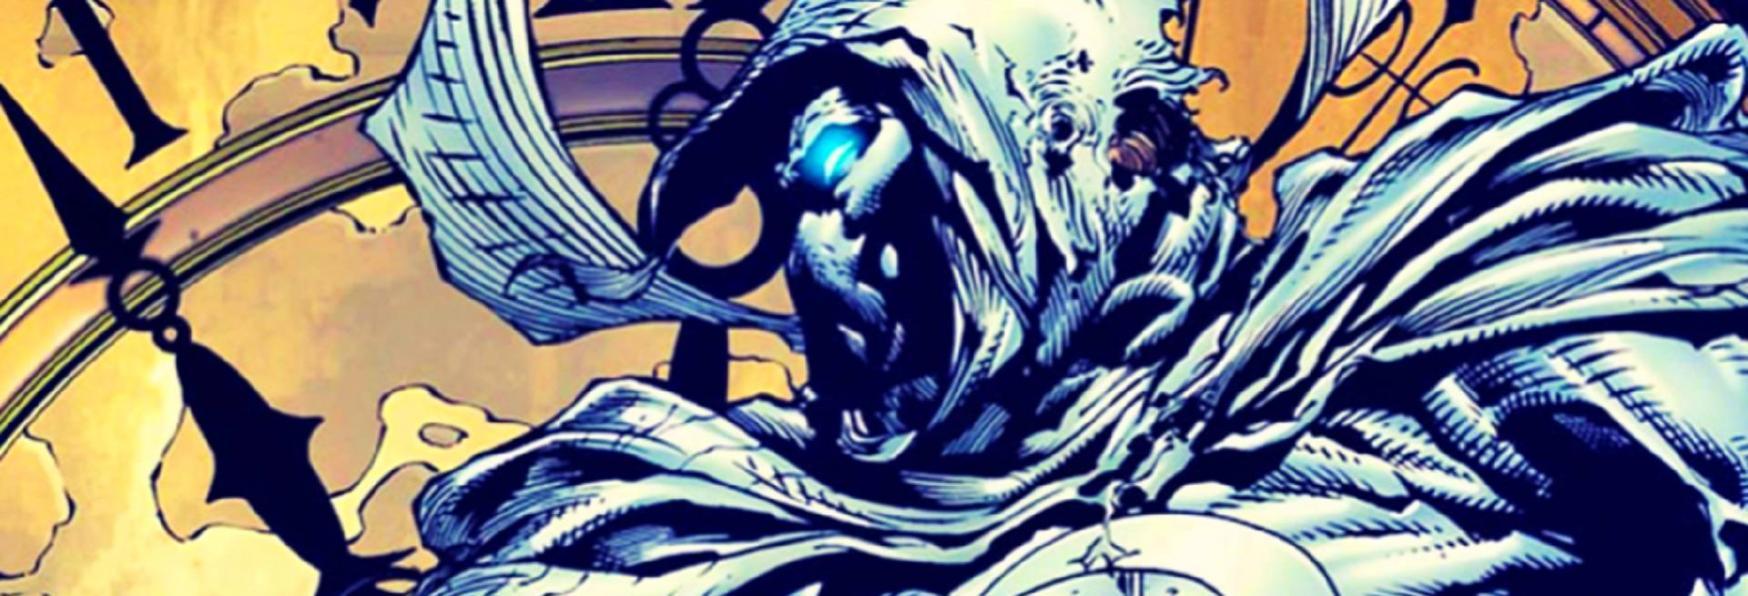 Moon Knight: Ethan Hawke parla del suo Ruolo nella Serie TV